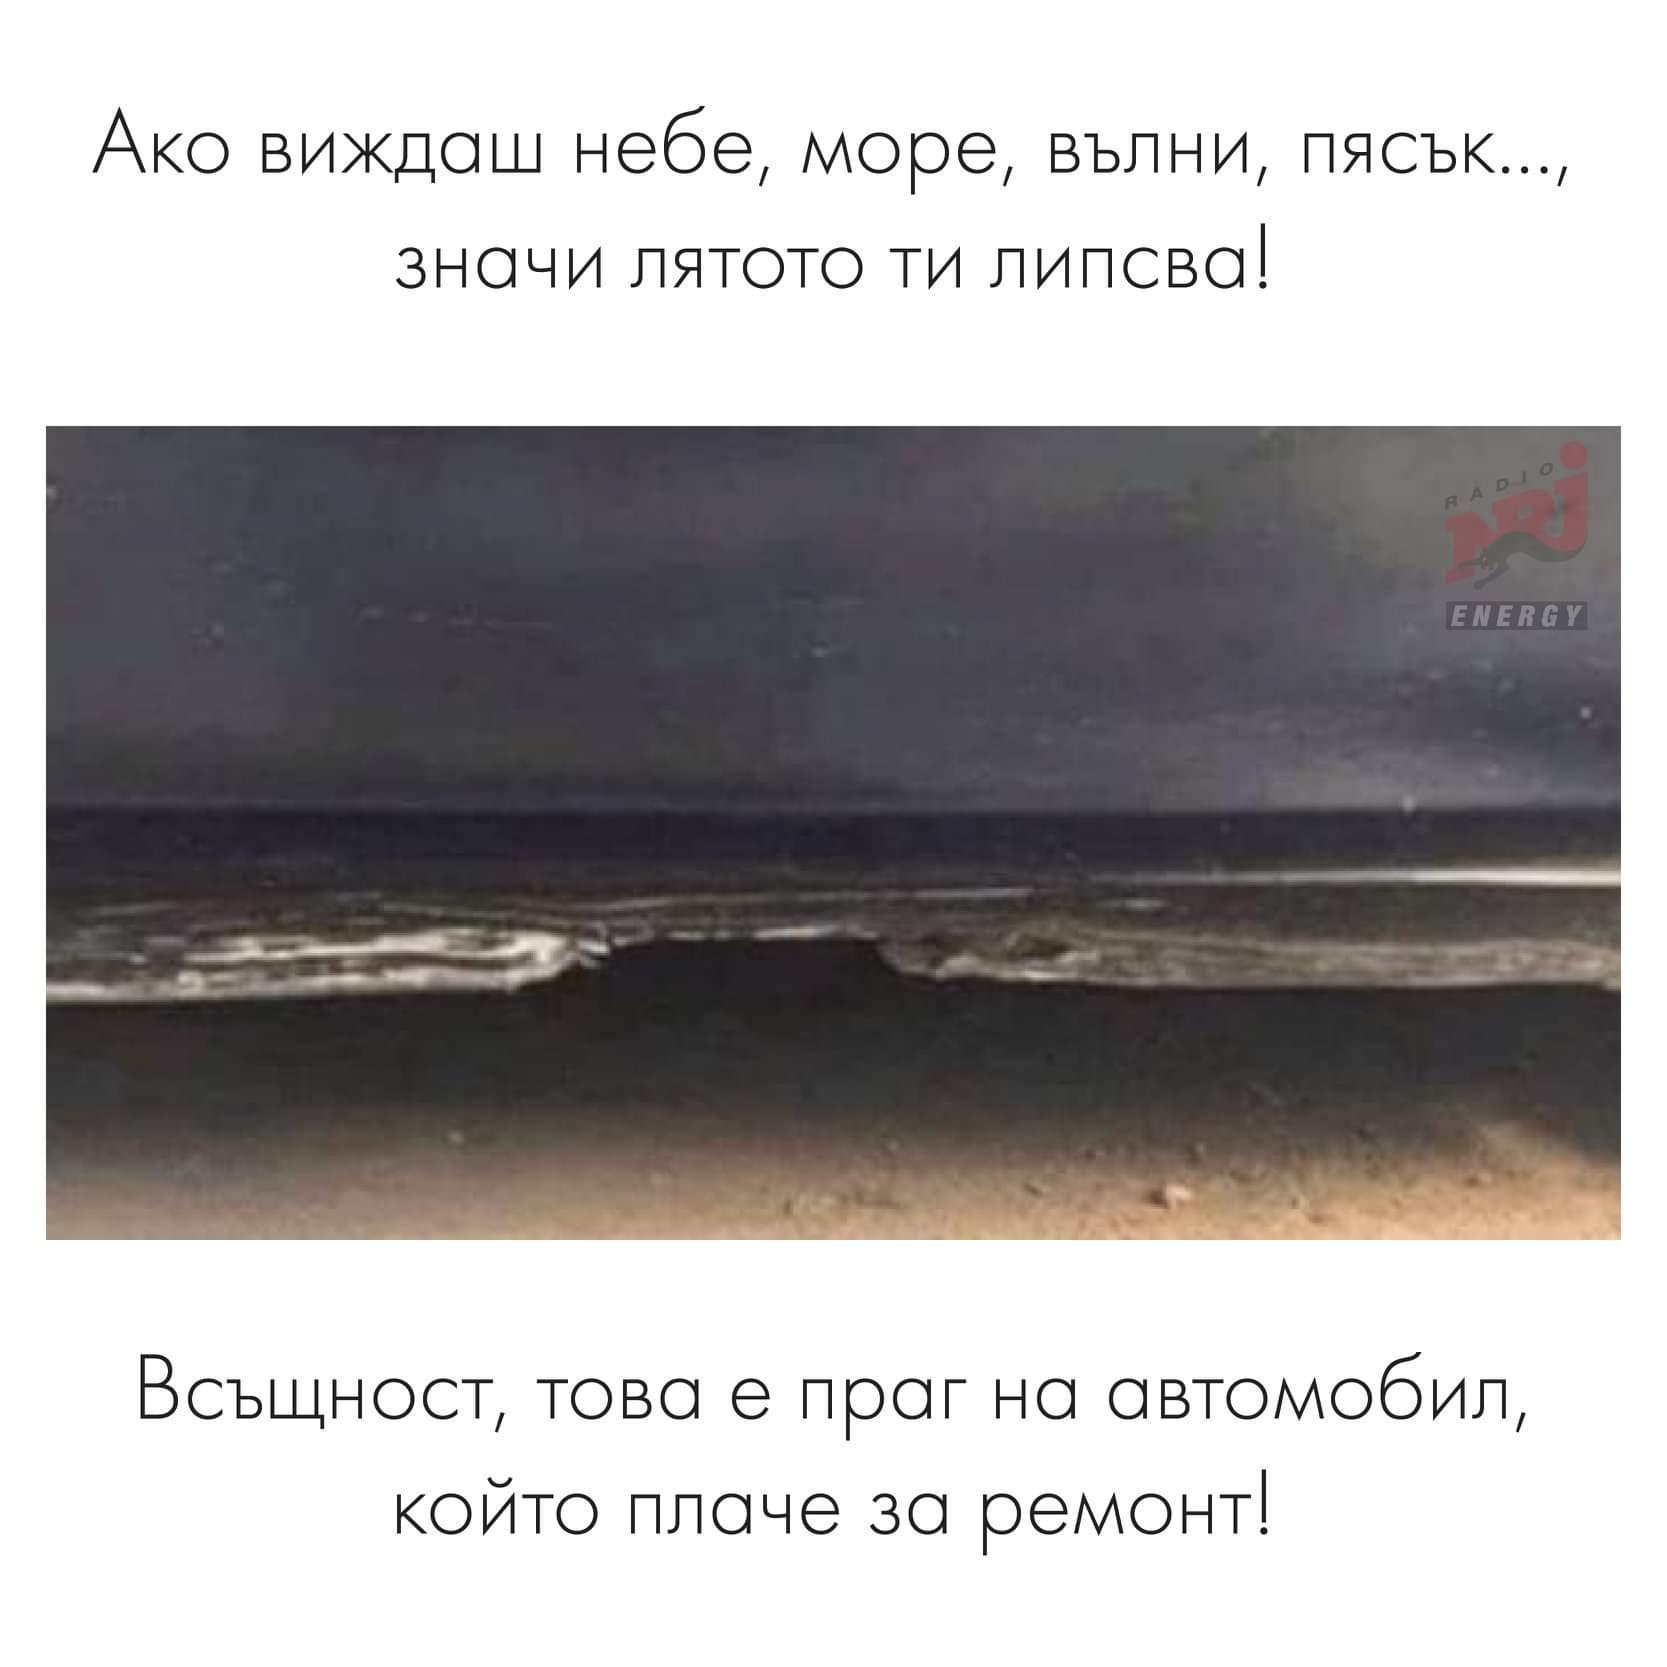 Ако виждаш небе, море, пясък, значи лятото ти липсва!